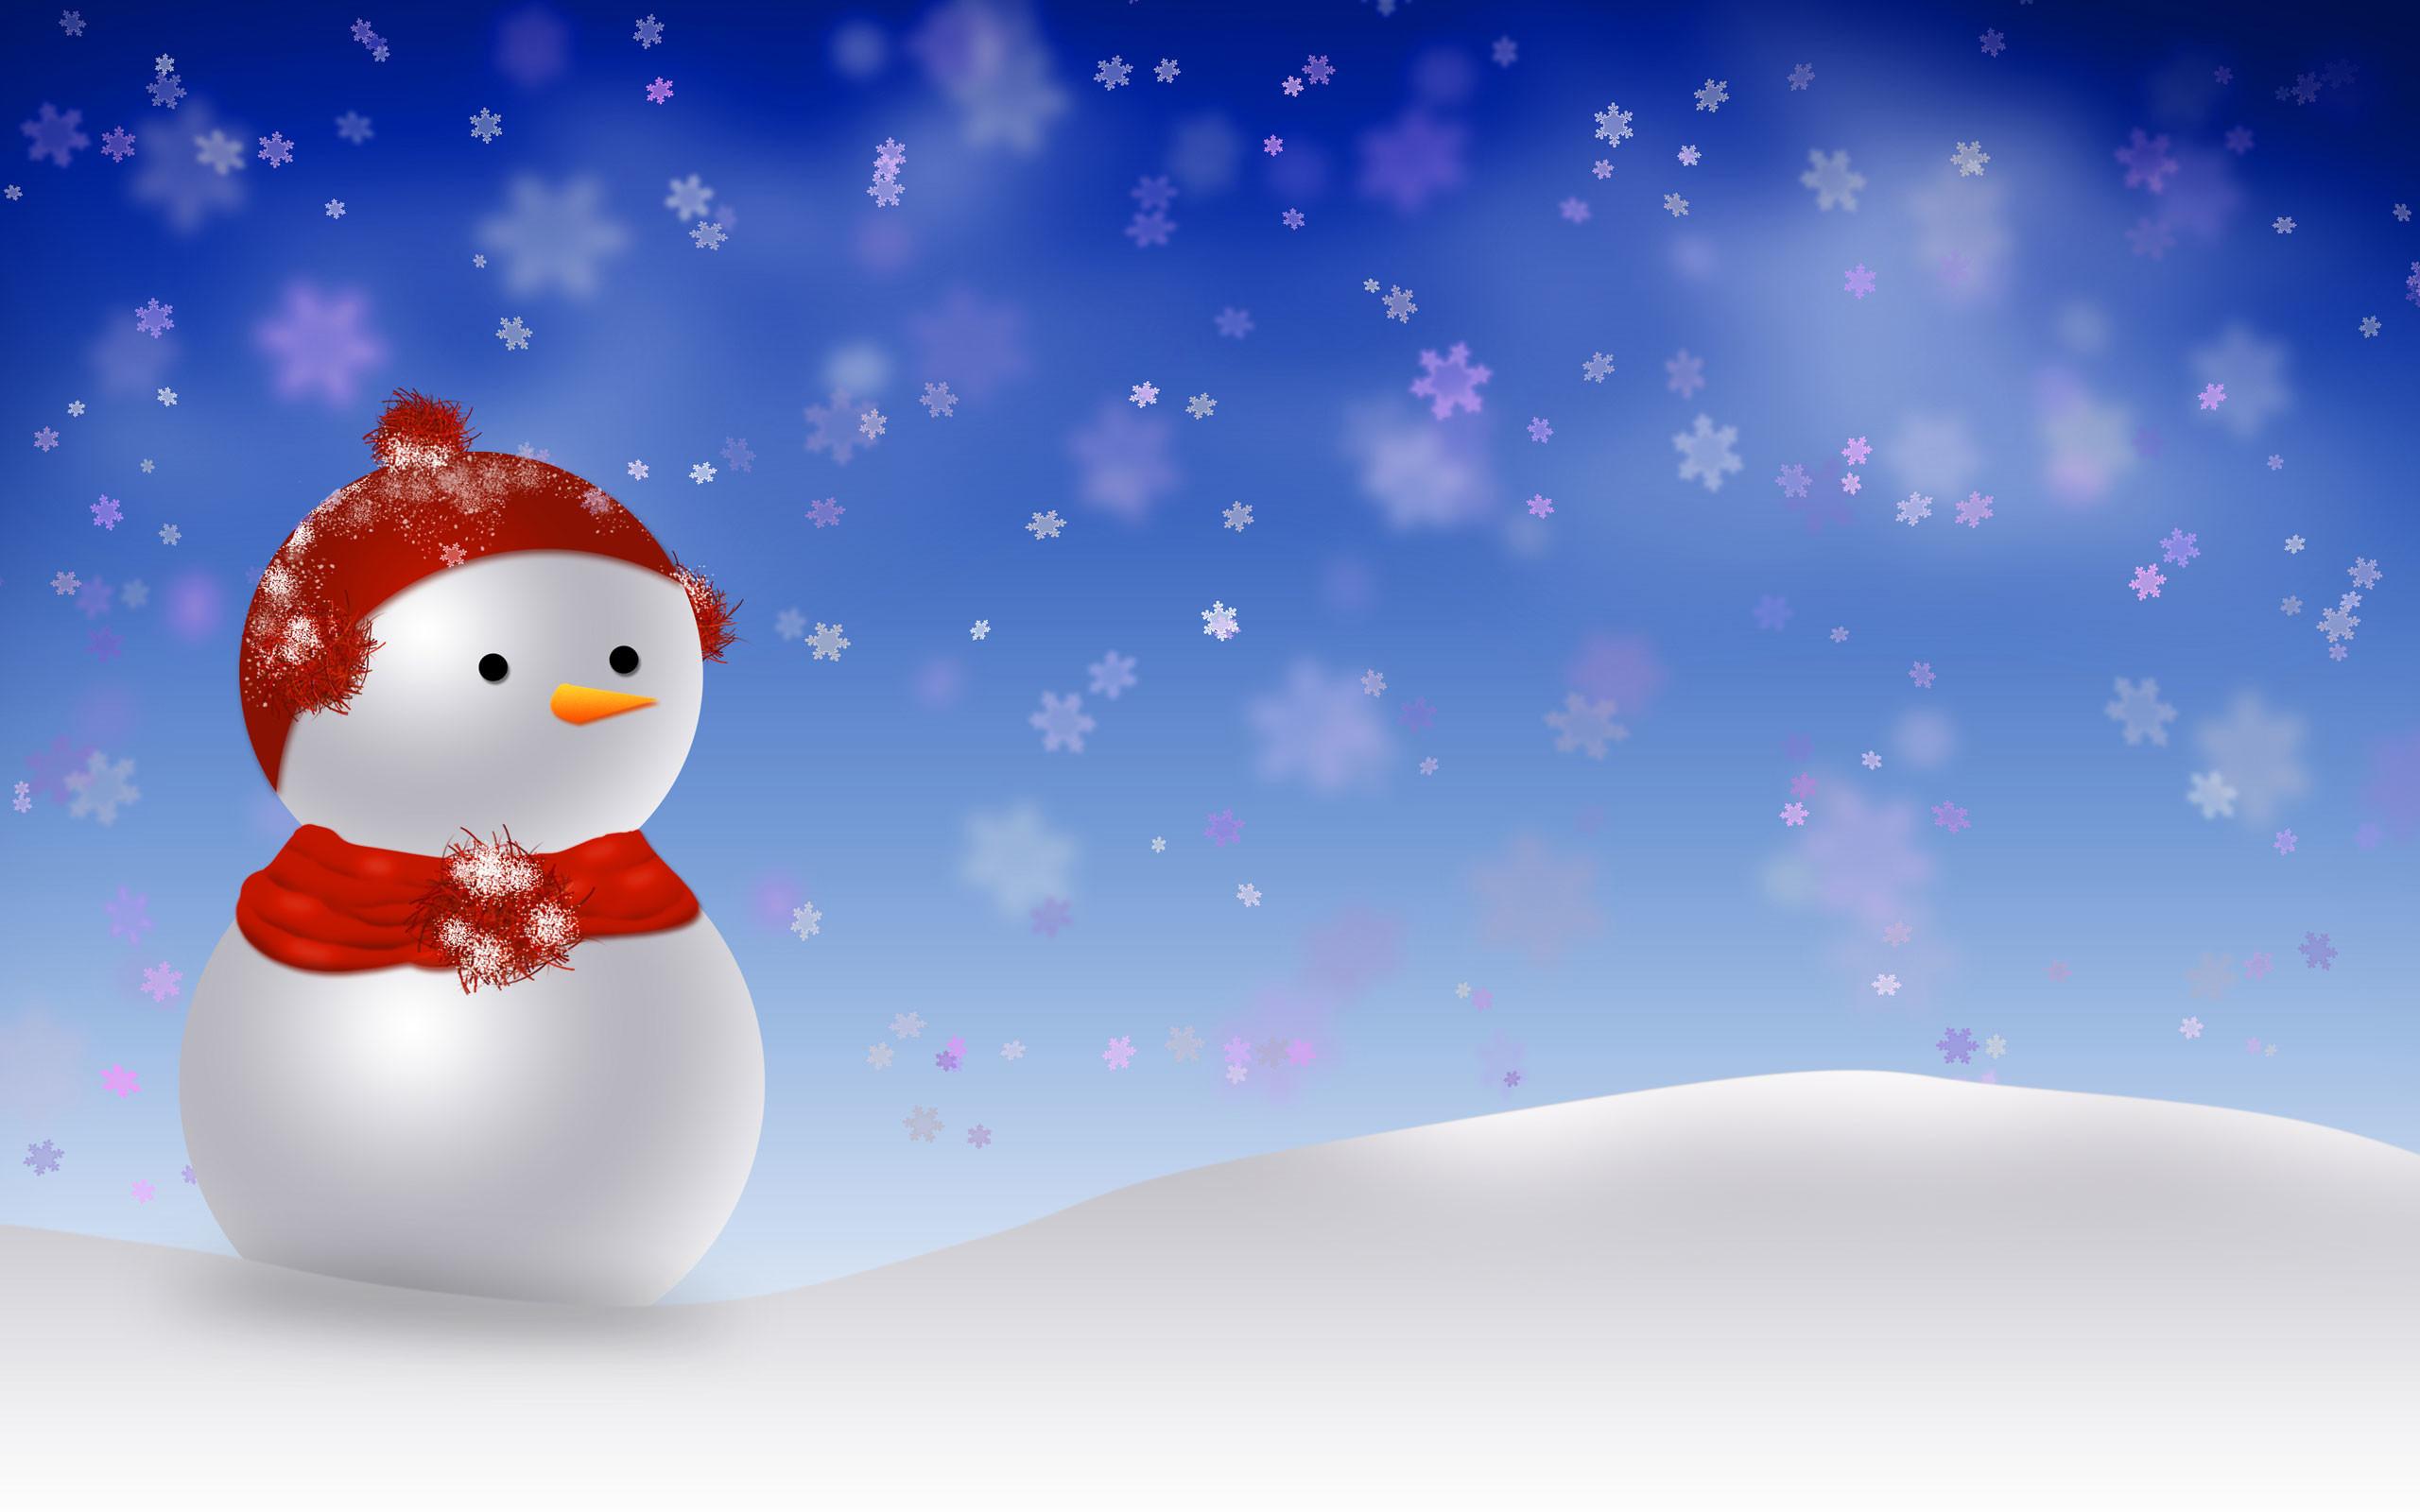 Snowman Ultra Wallpapers HD – https://wallucky.com/snowman-ultra